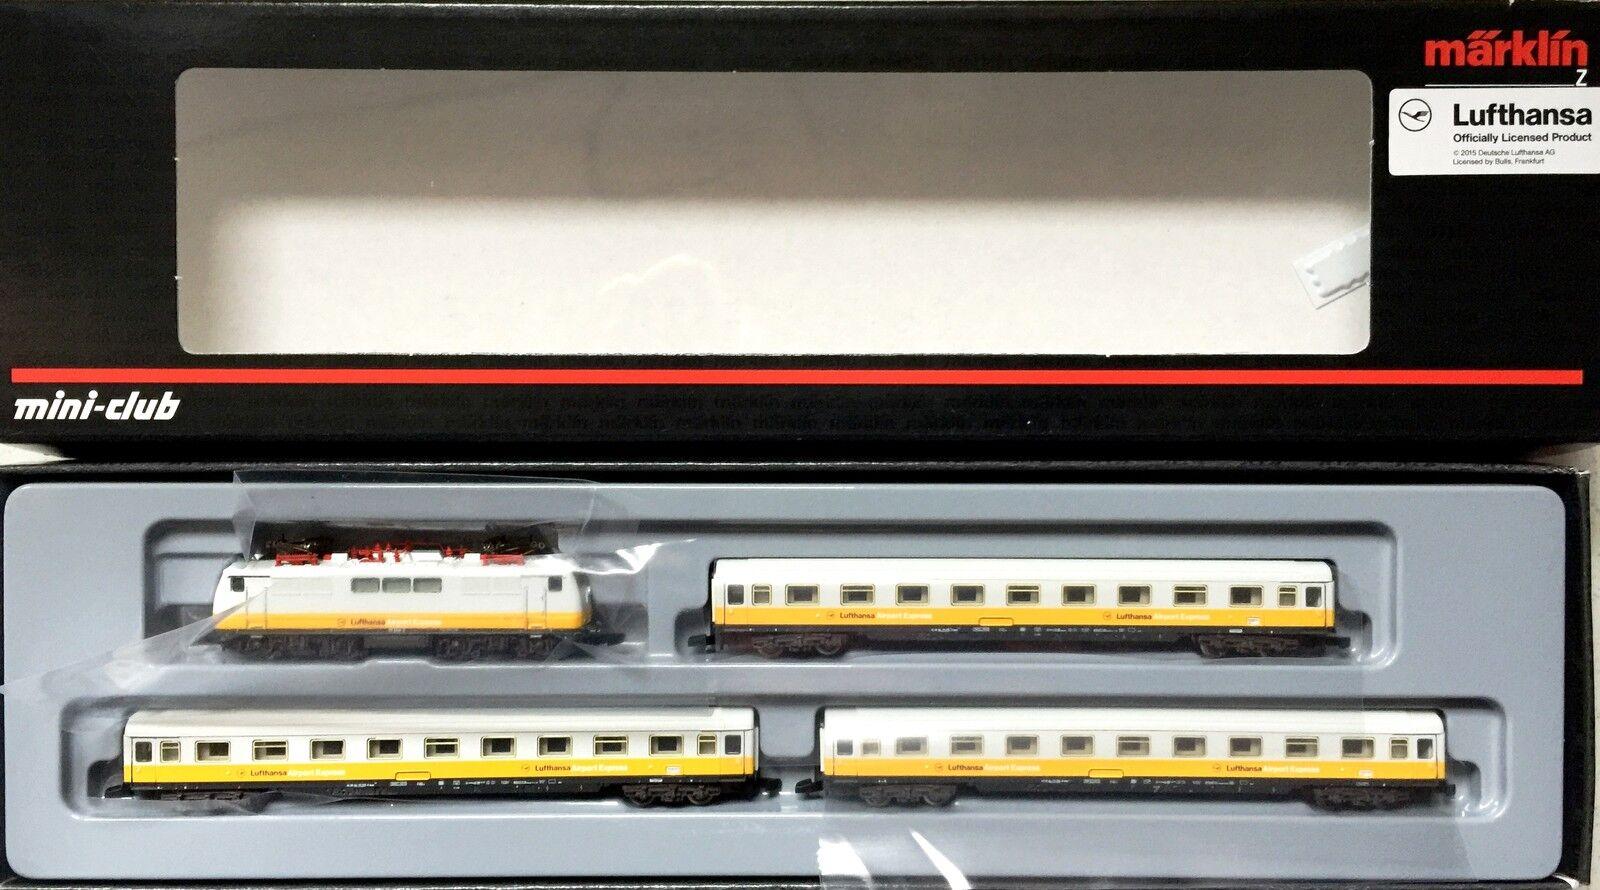 scala Z 81551 LUFTHANSA SET treni con E-Lok CARRI CONFEZIONE ORIGINALE